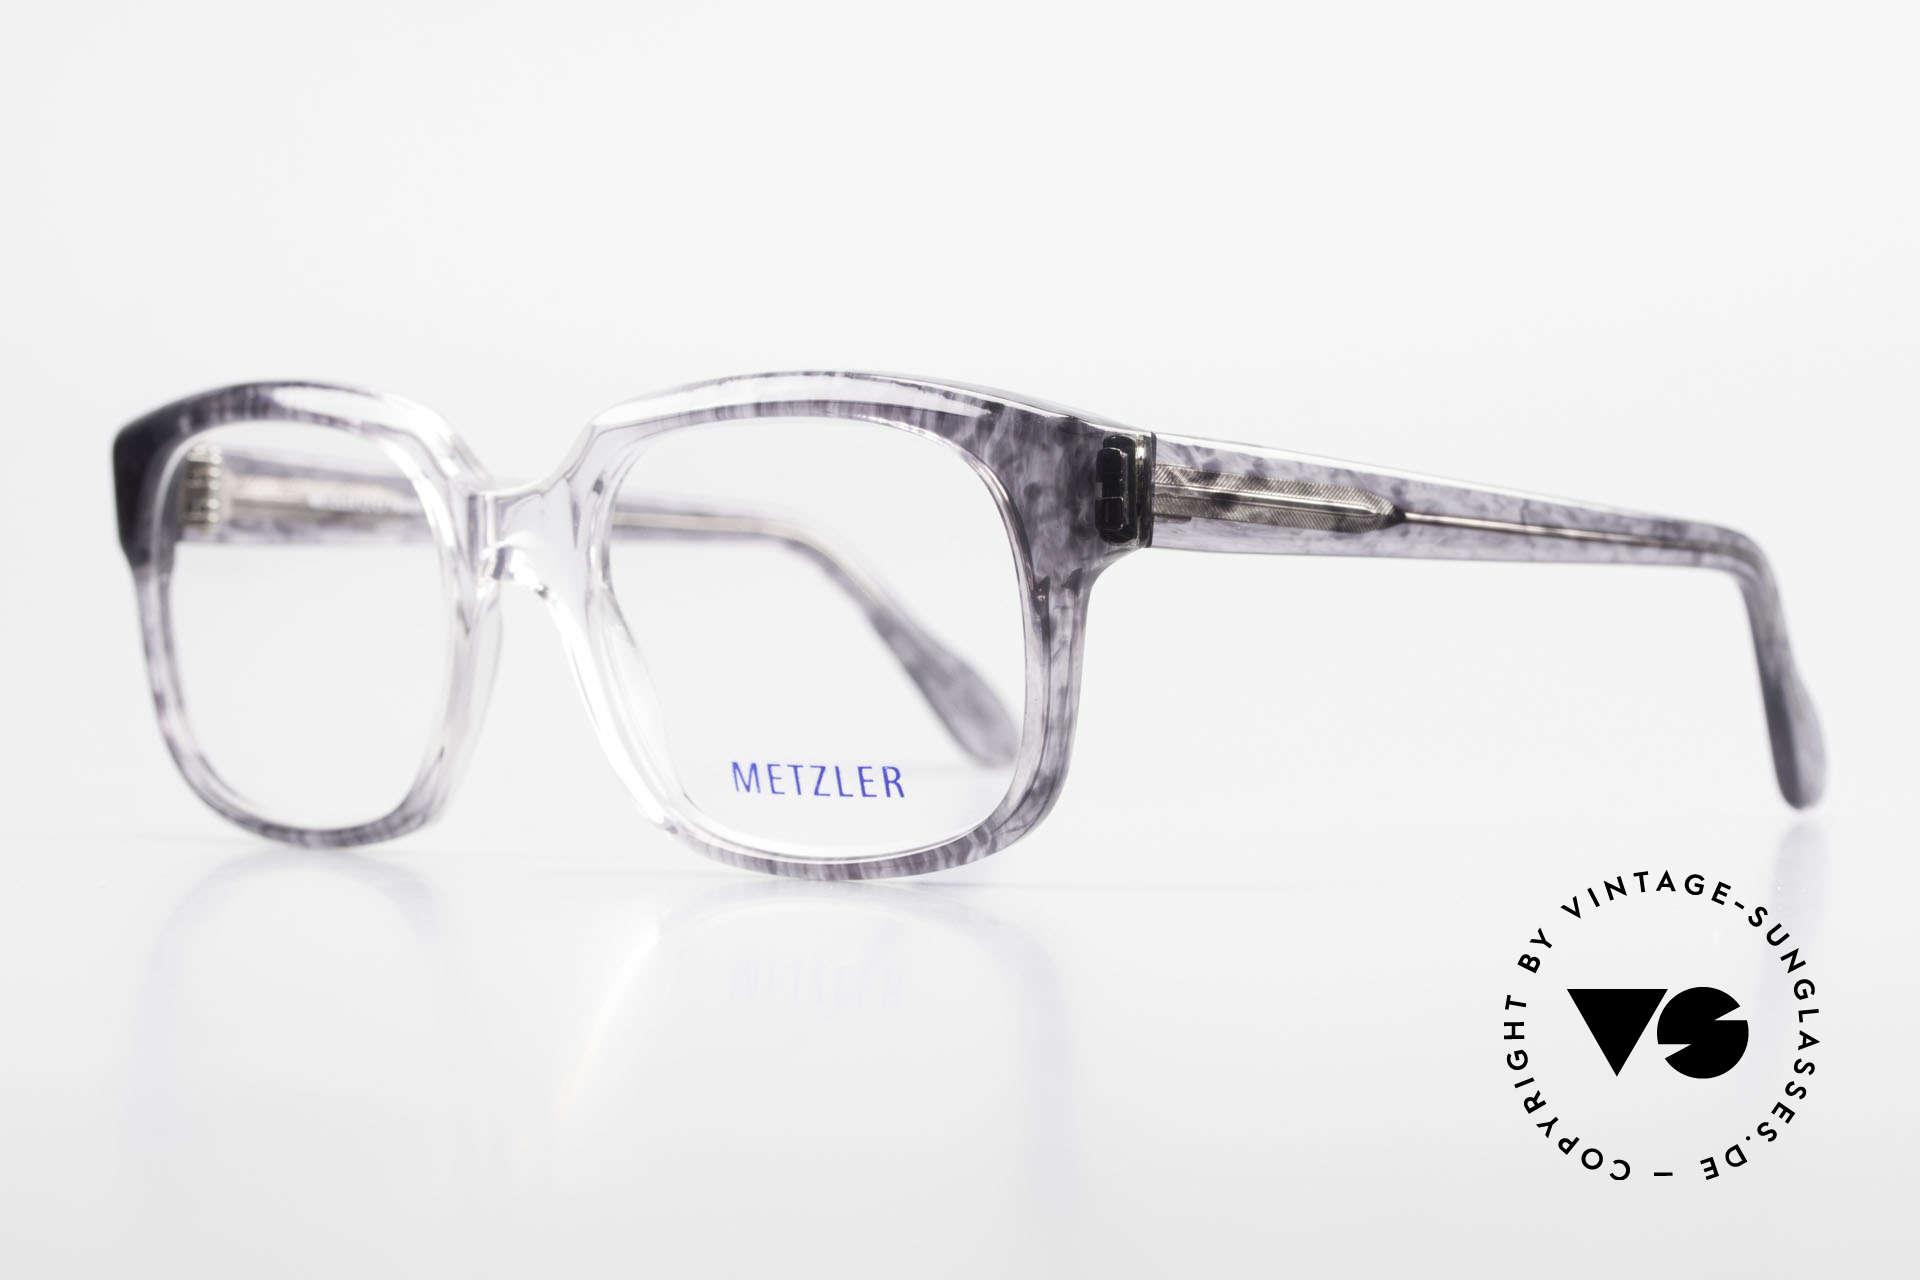 Metzler 7665 Medium 90er Jahre Old School Brille, heutzutage als 'OLD SCHOOL' Brille bezeichnet, Passend für Herren